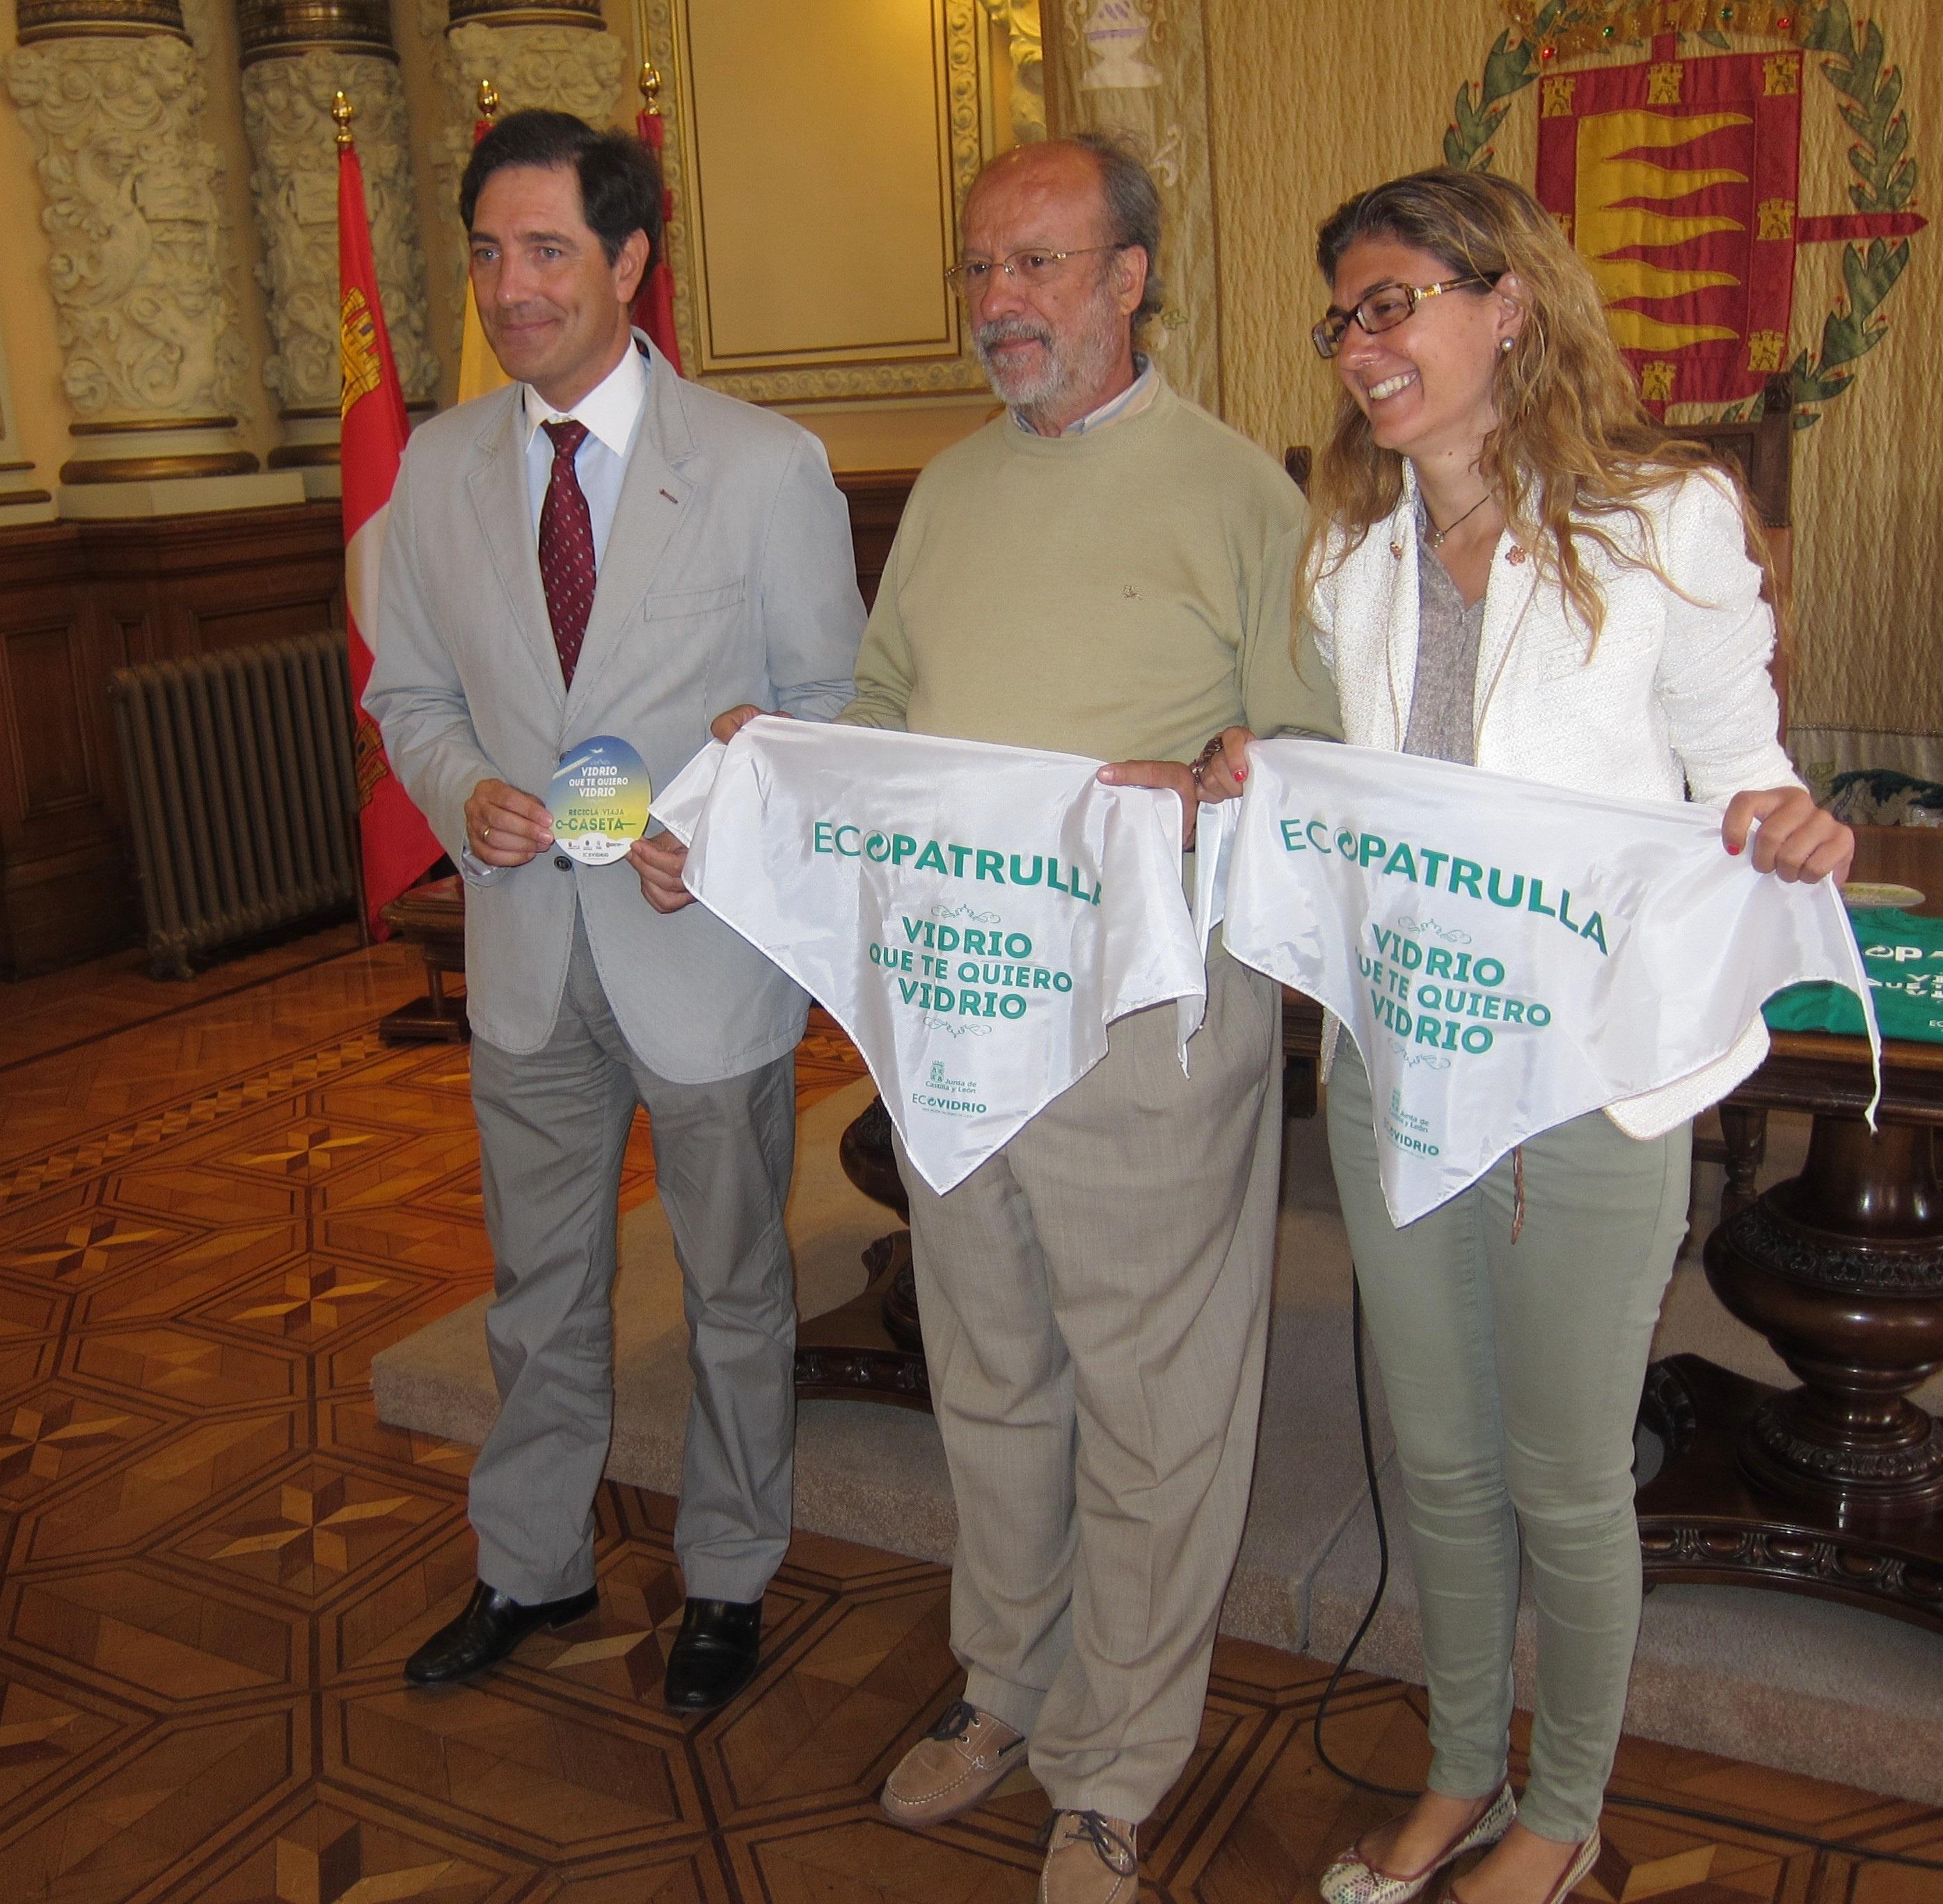 De la Riva asegura que Konecta «habló de creación de empleos» y recuerda que ha llegado a un acuerdo con los sindicatos